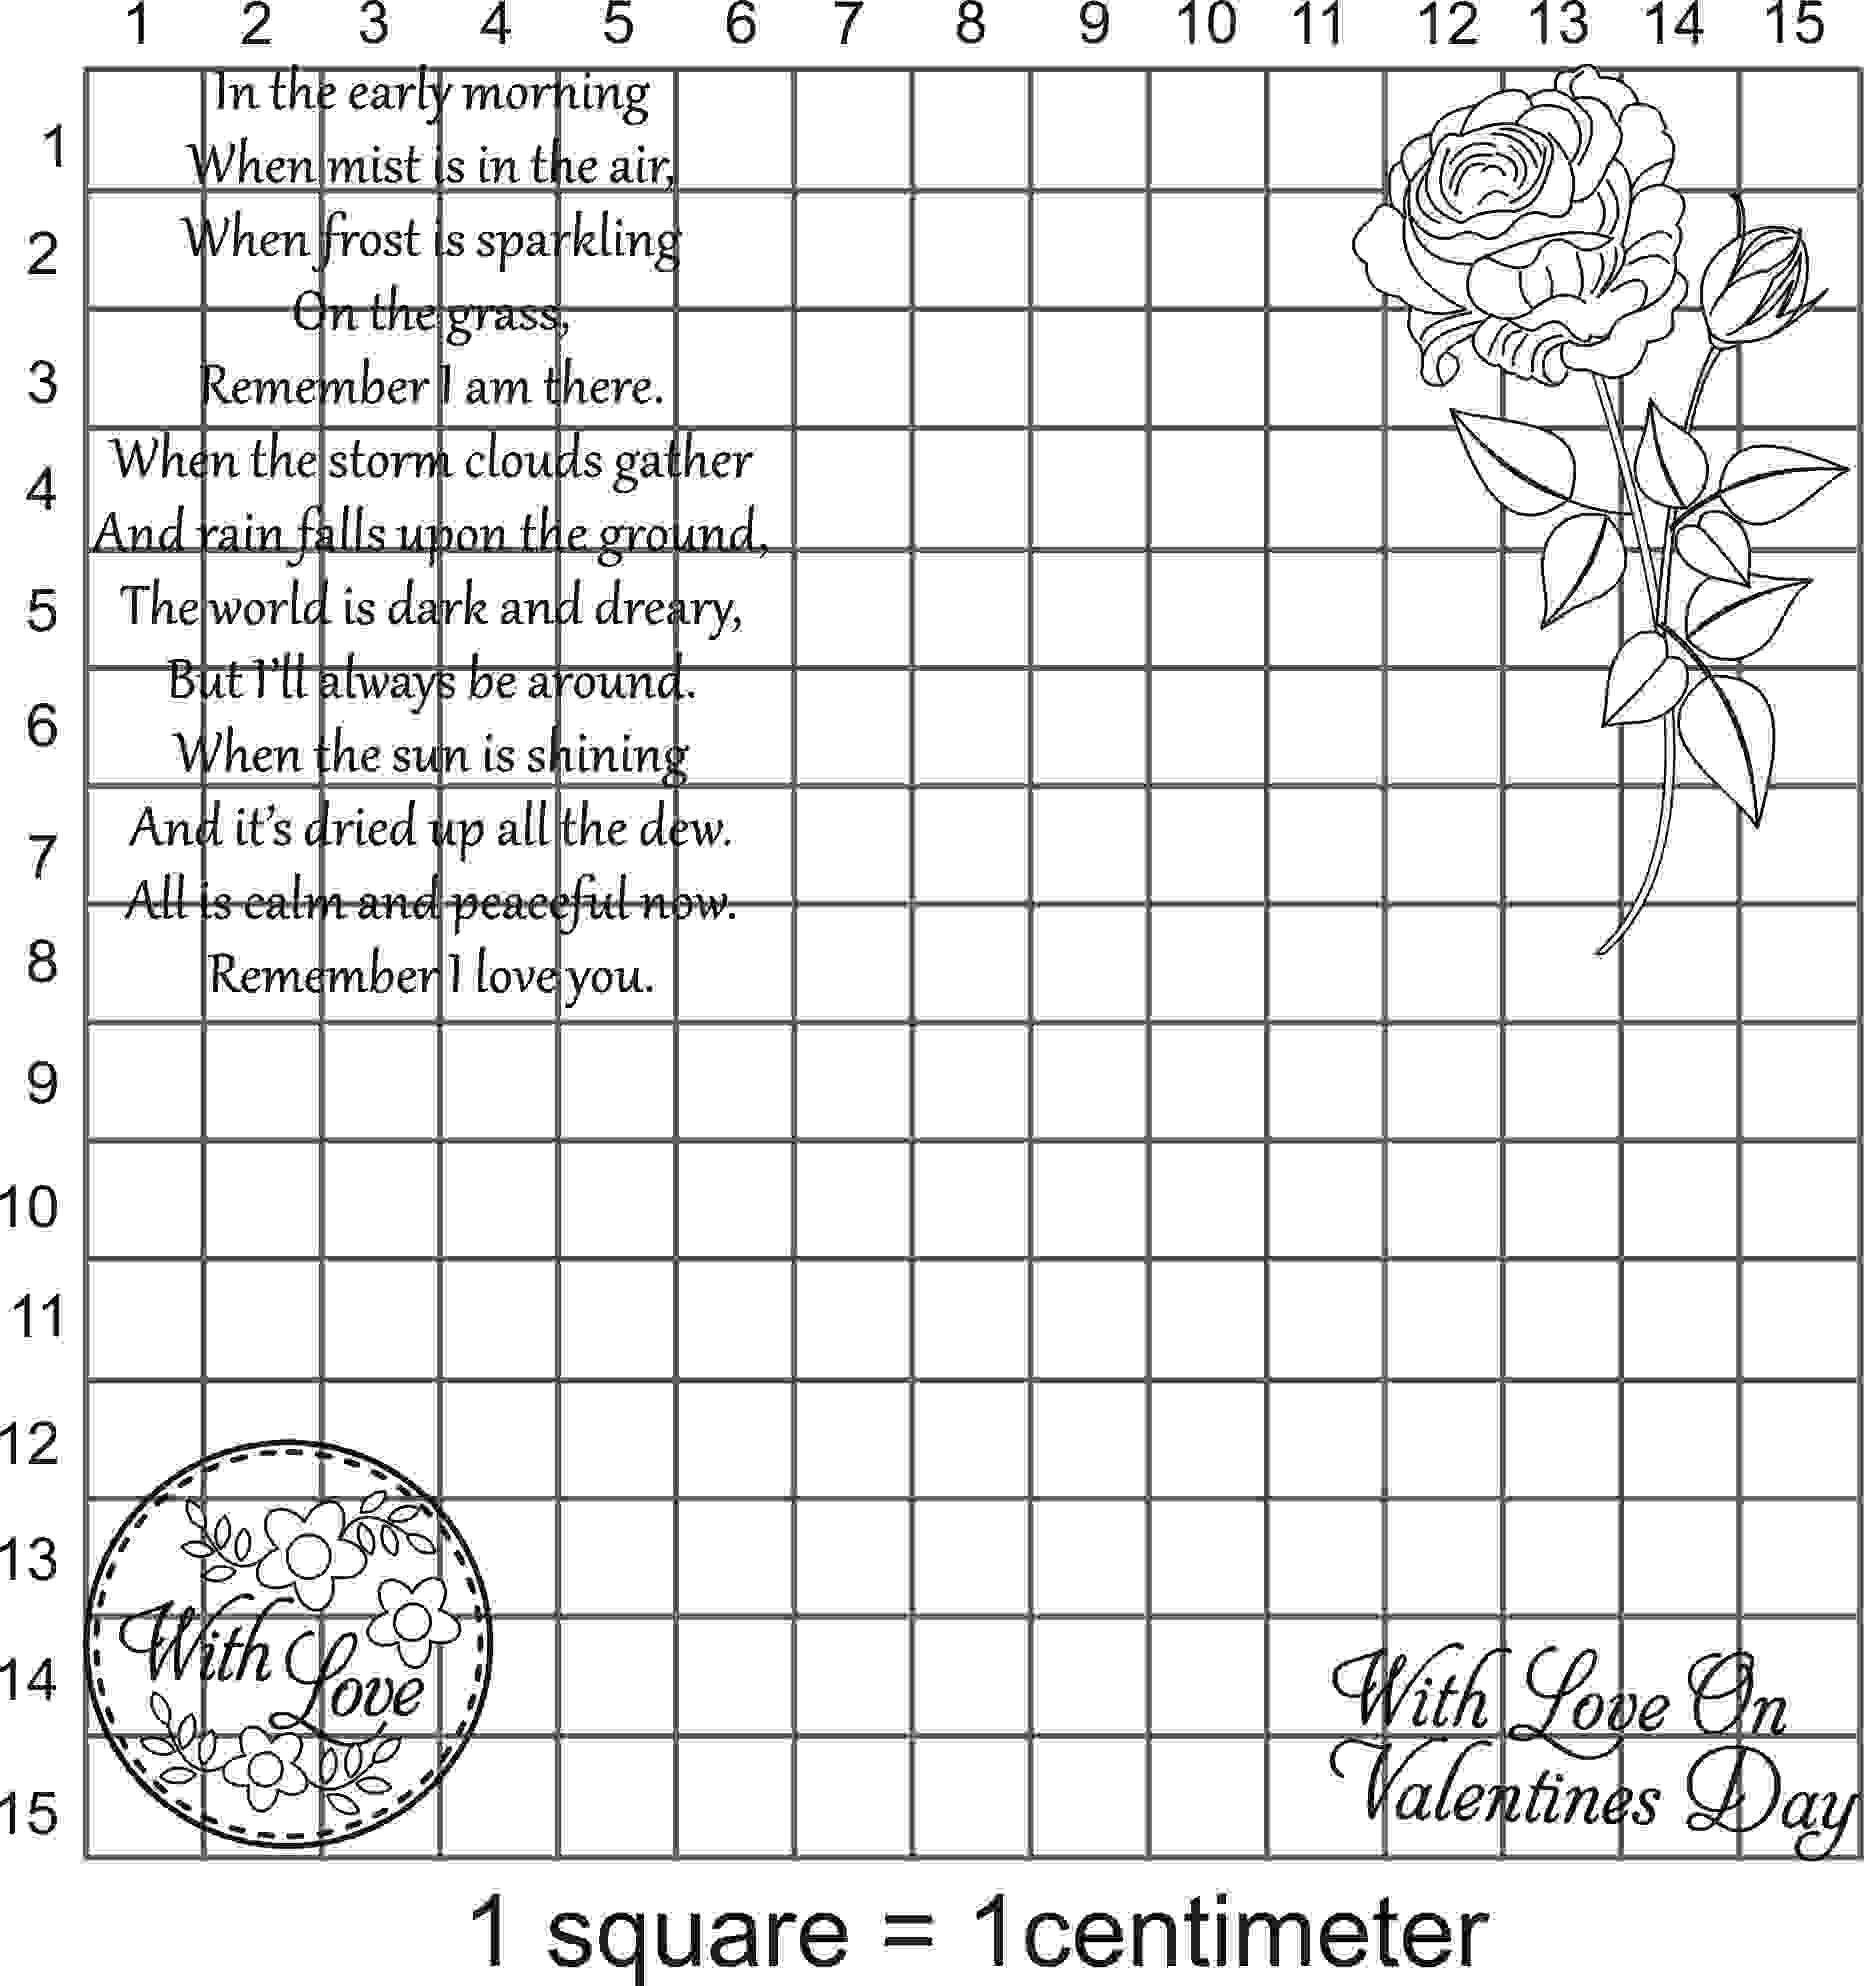 VL-CL-02 Valentines Rose